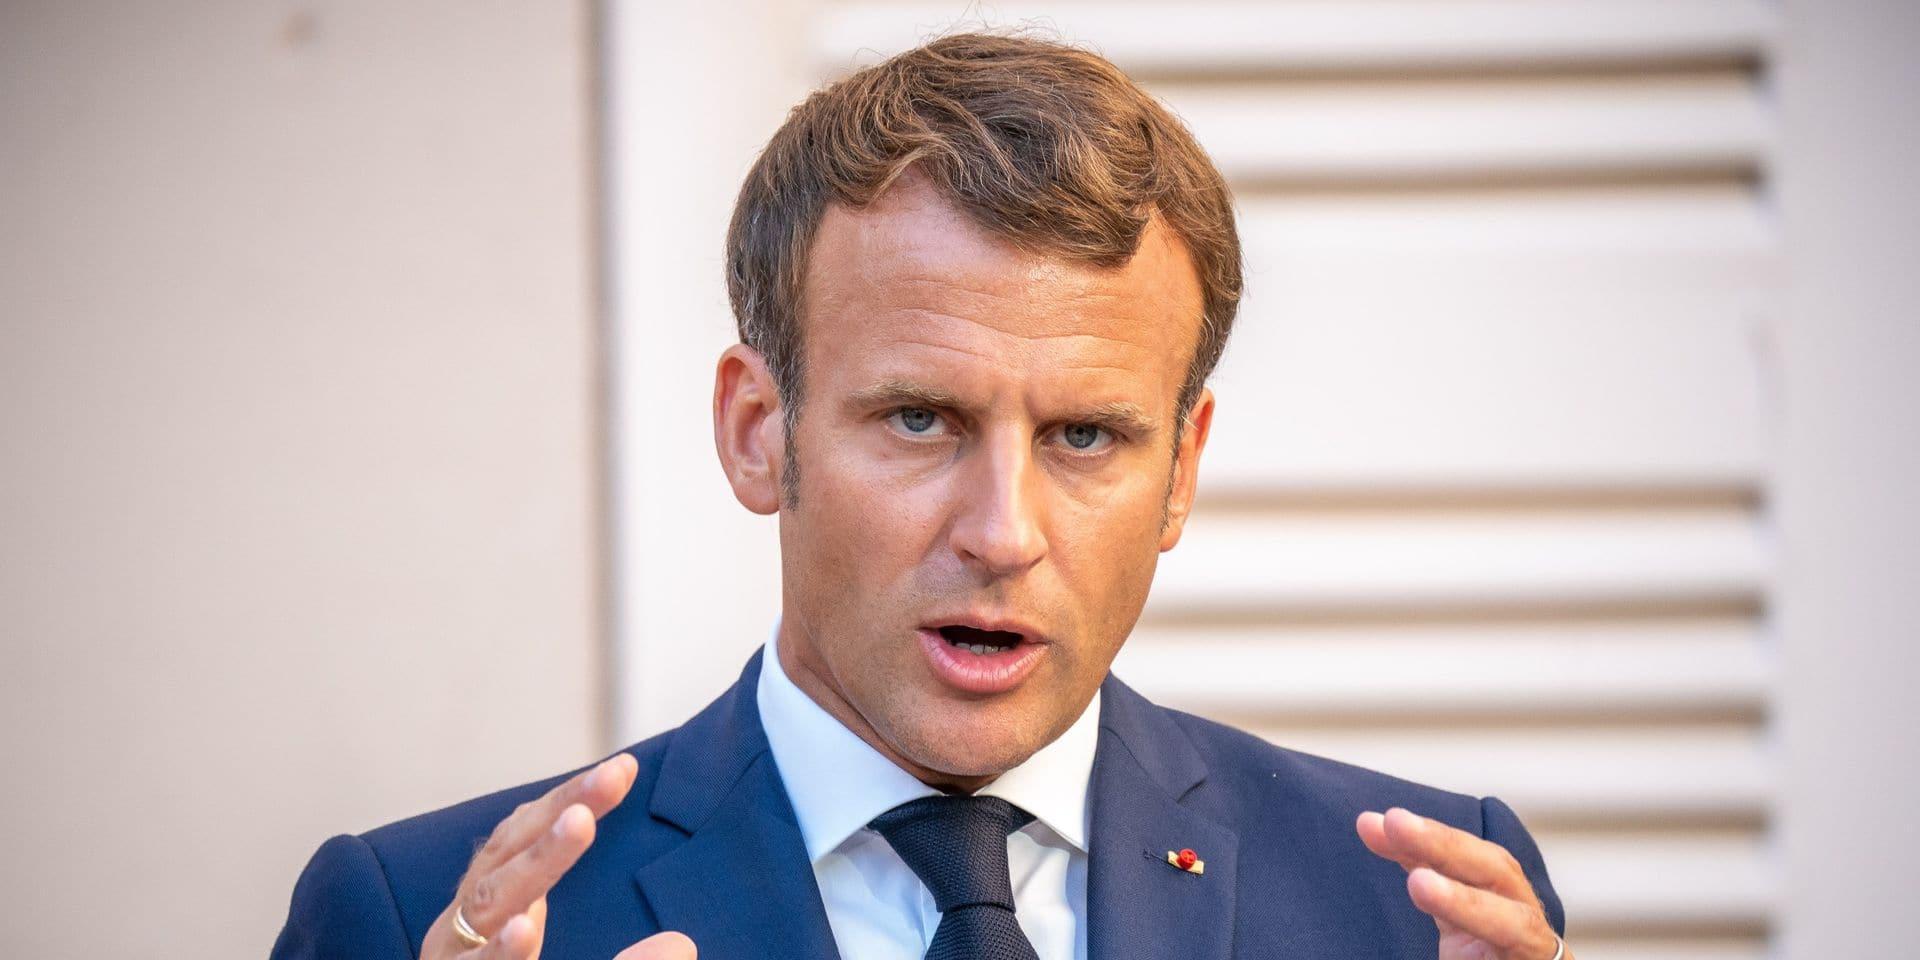 Évolution du virus, distribution gratuite de masques, contrôles: Macron fait le point sur l'épidémie avec ses ministres à l'approche de la rentrée